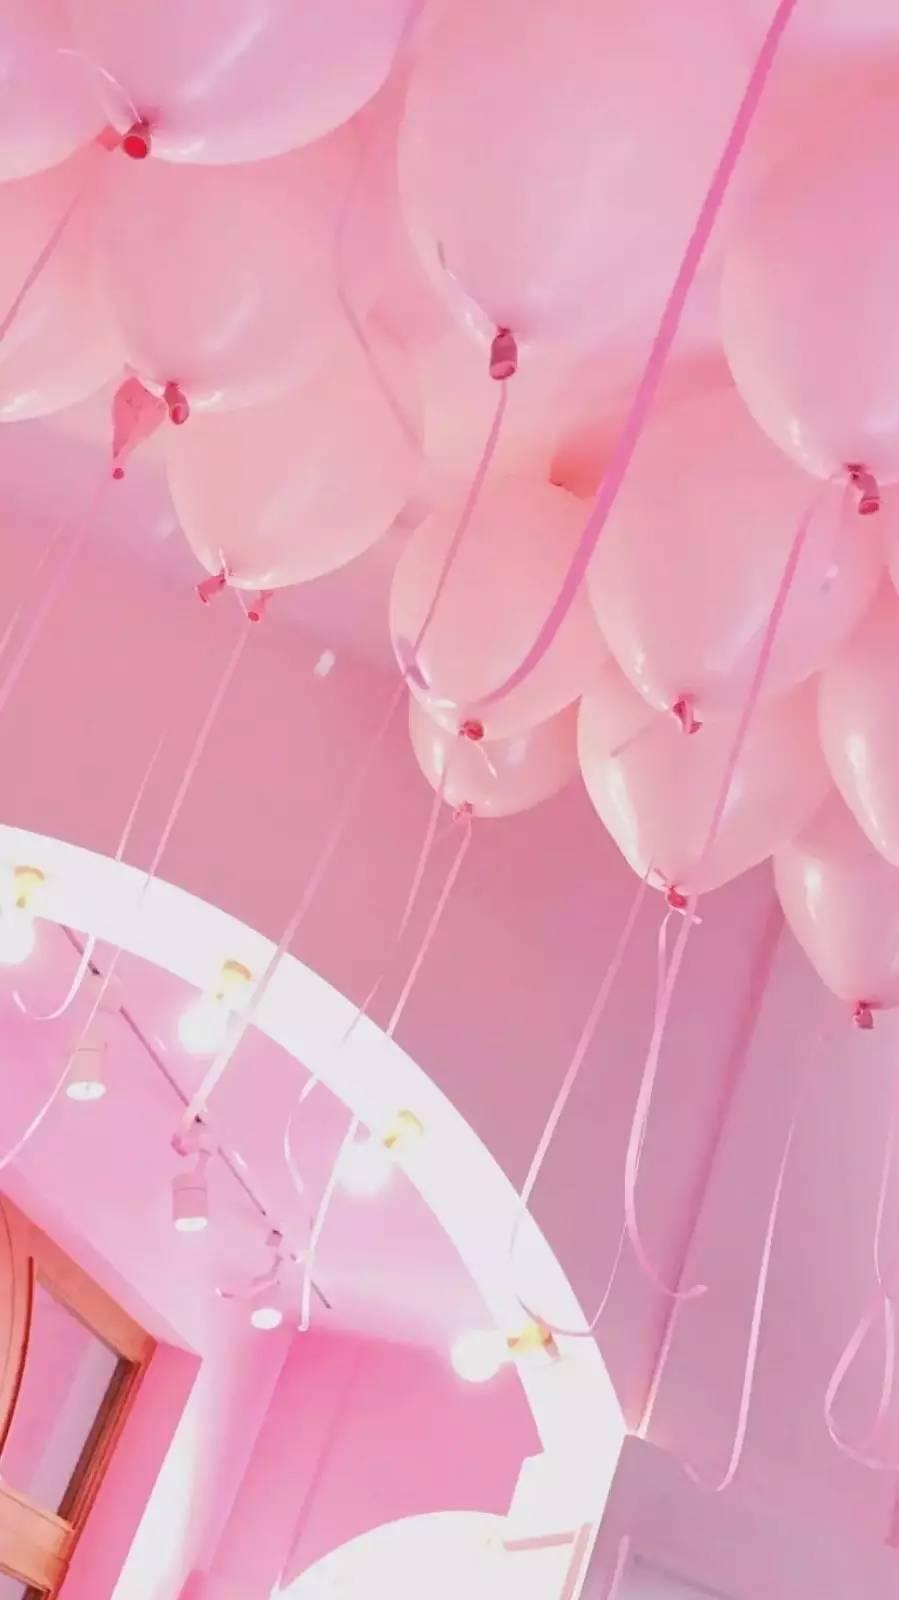 萌系&个性#粉色少女心壁纸图片